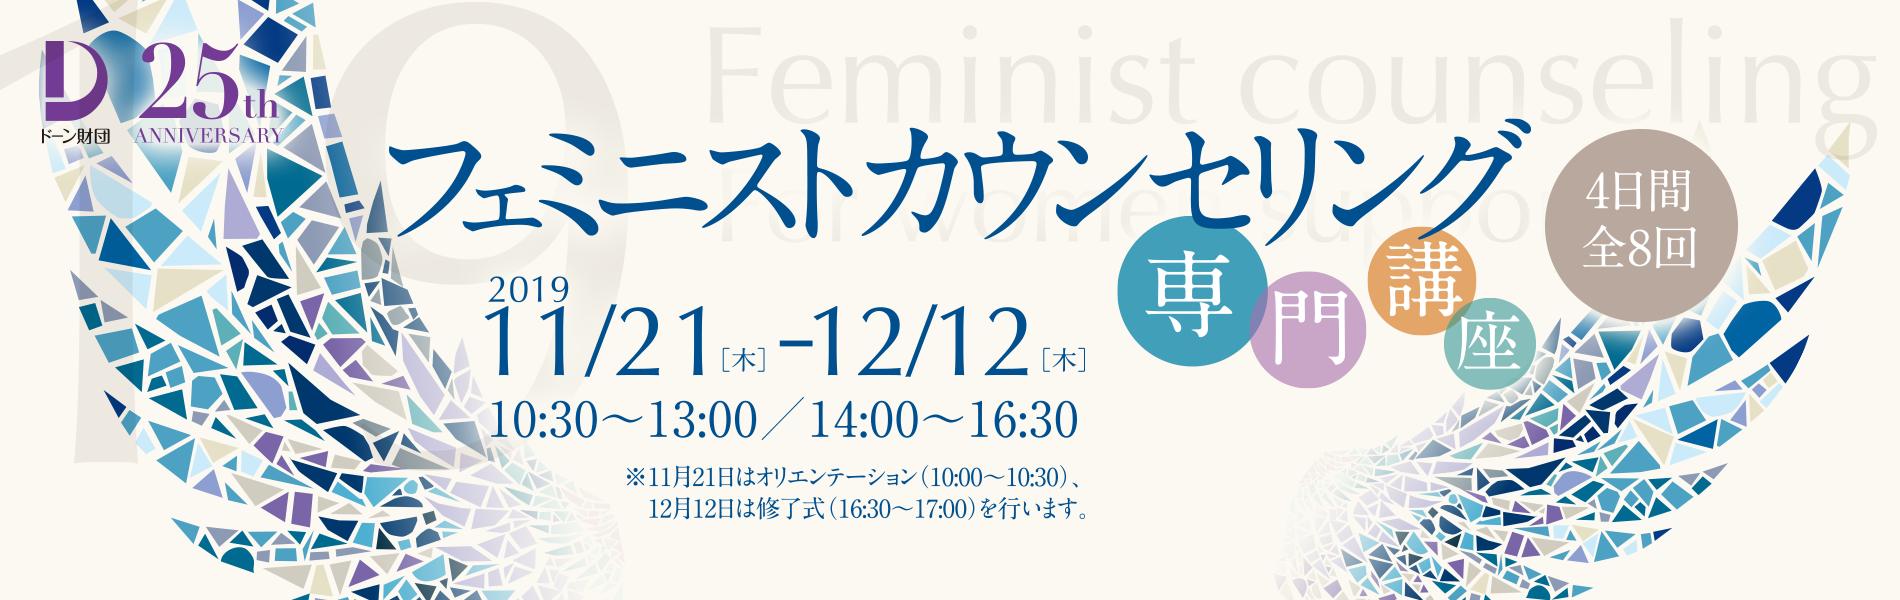 フェミニストカウンセリング専門講座